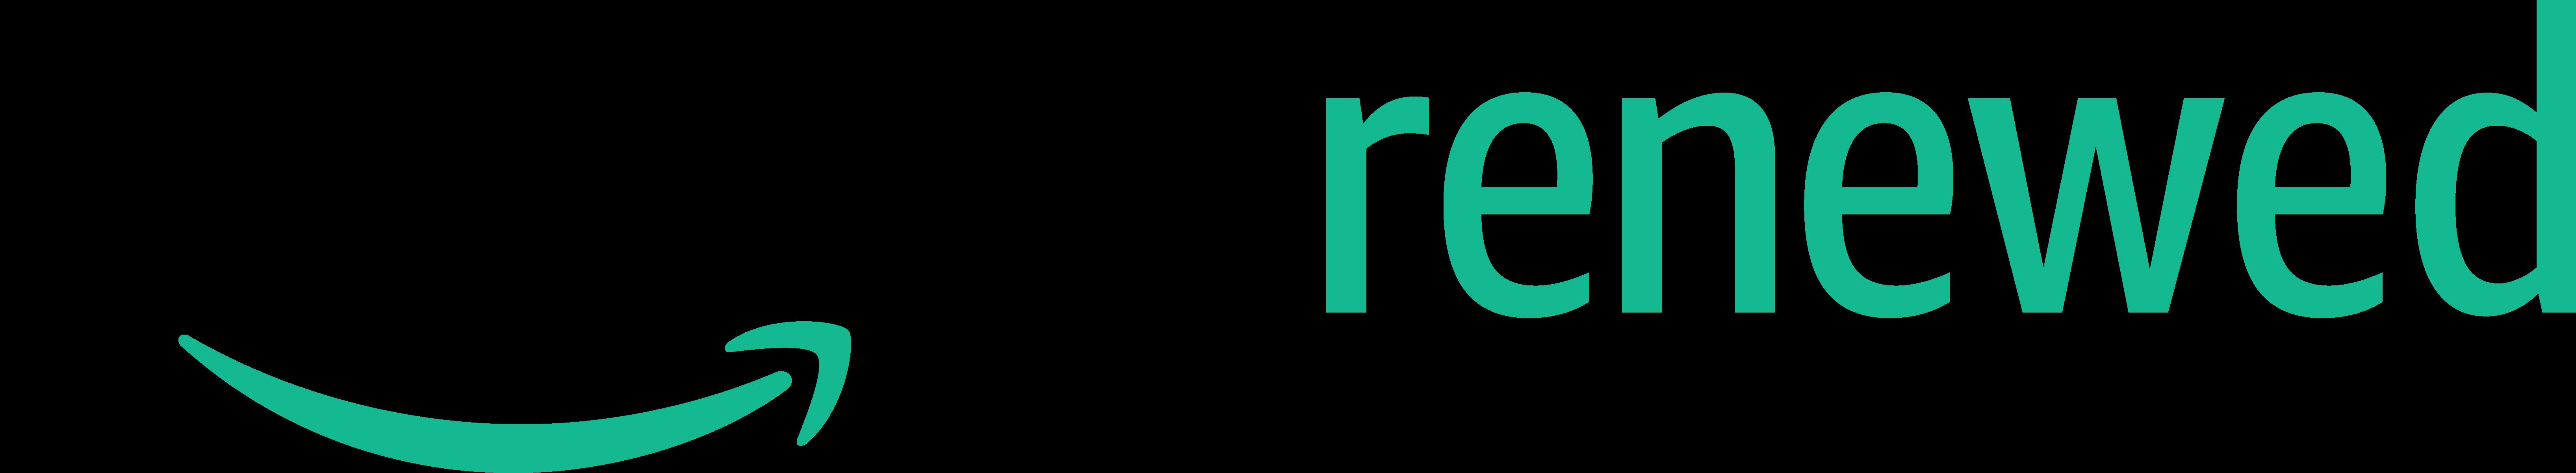 Ricondizionati Certificati su Amazon Renewed